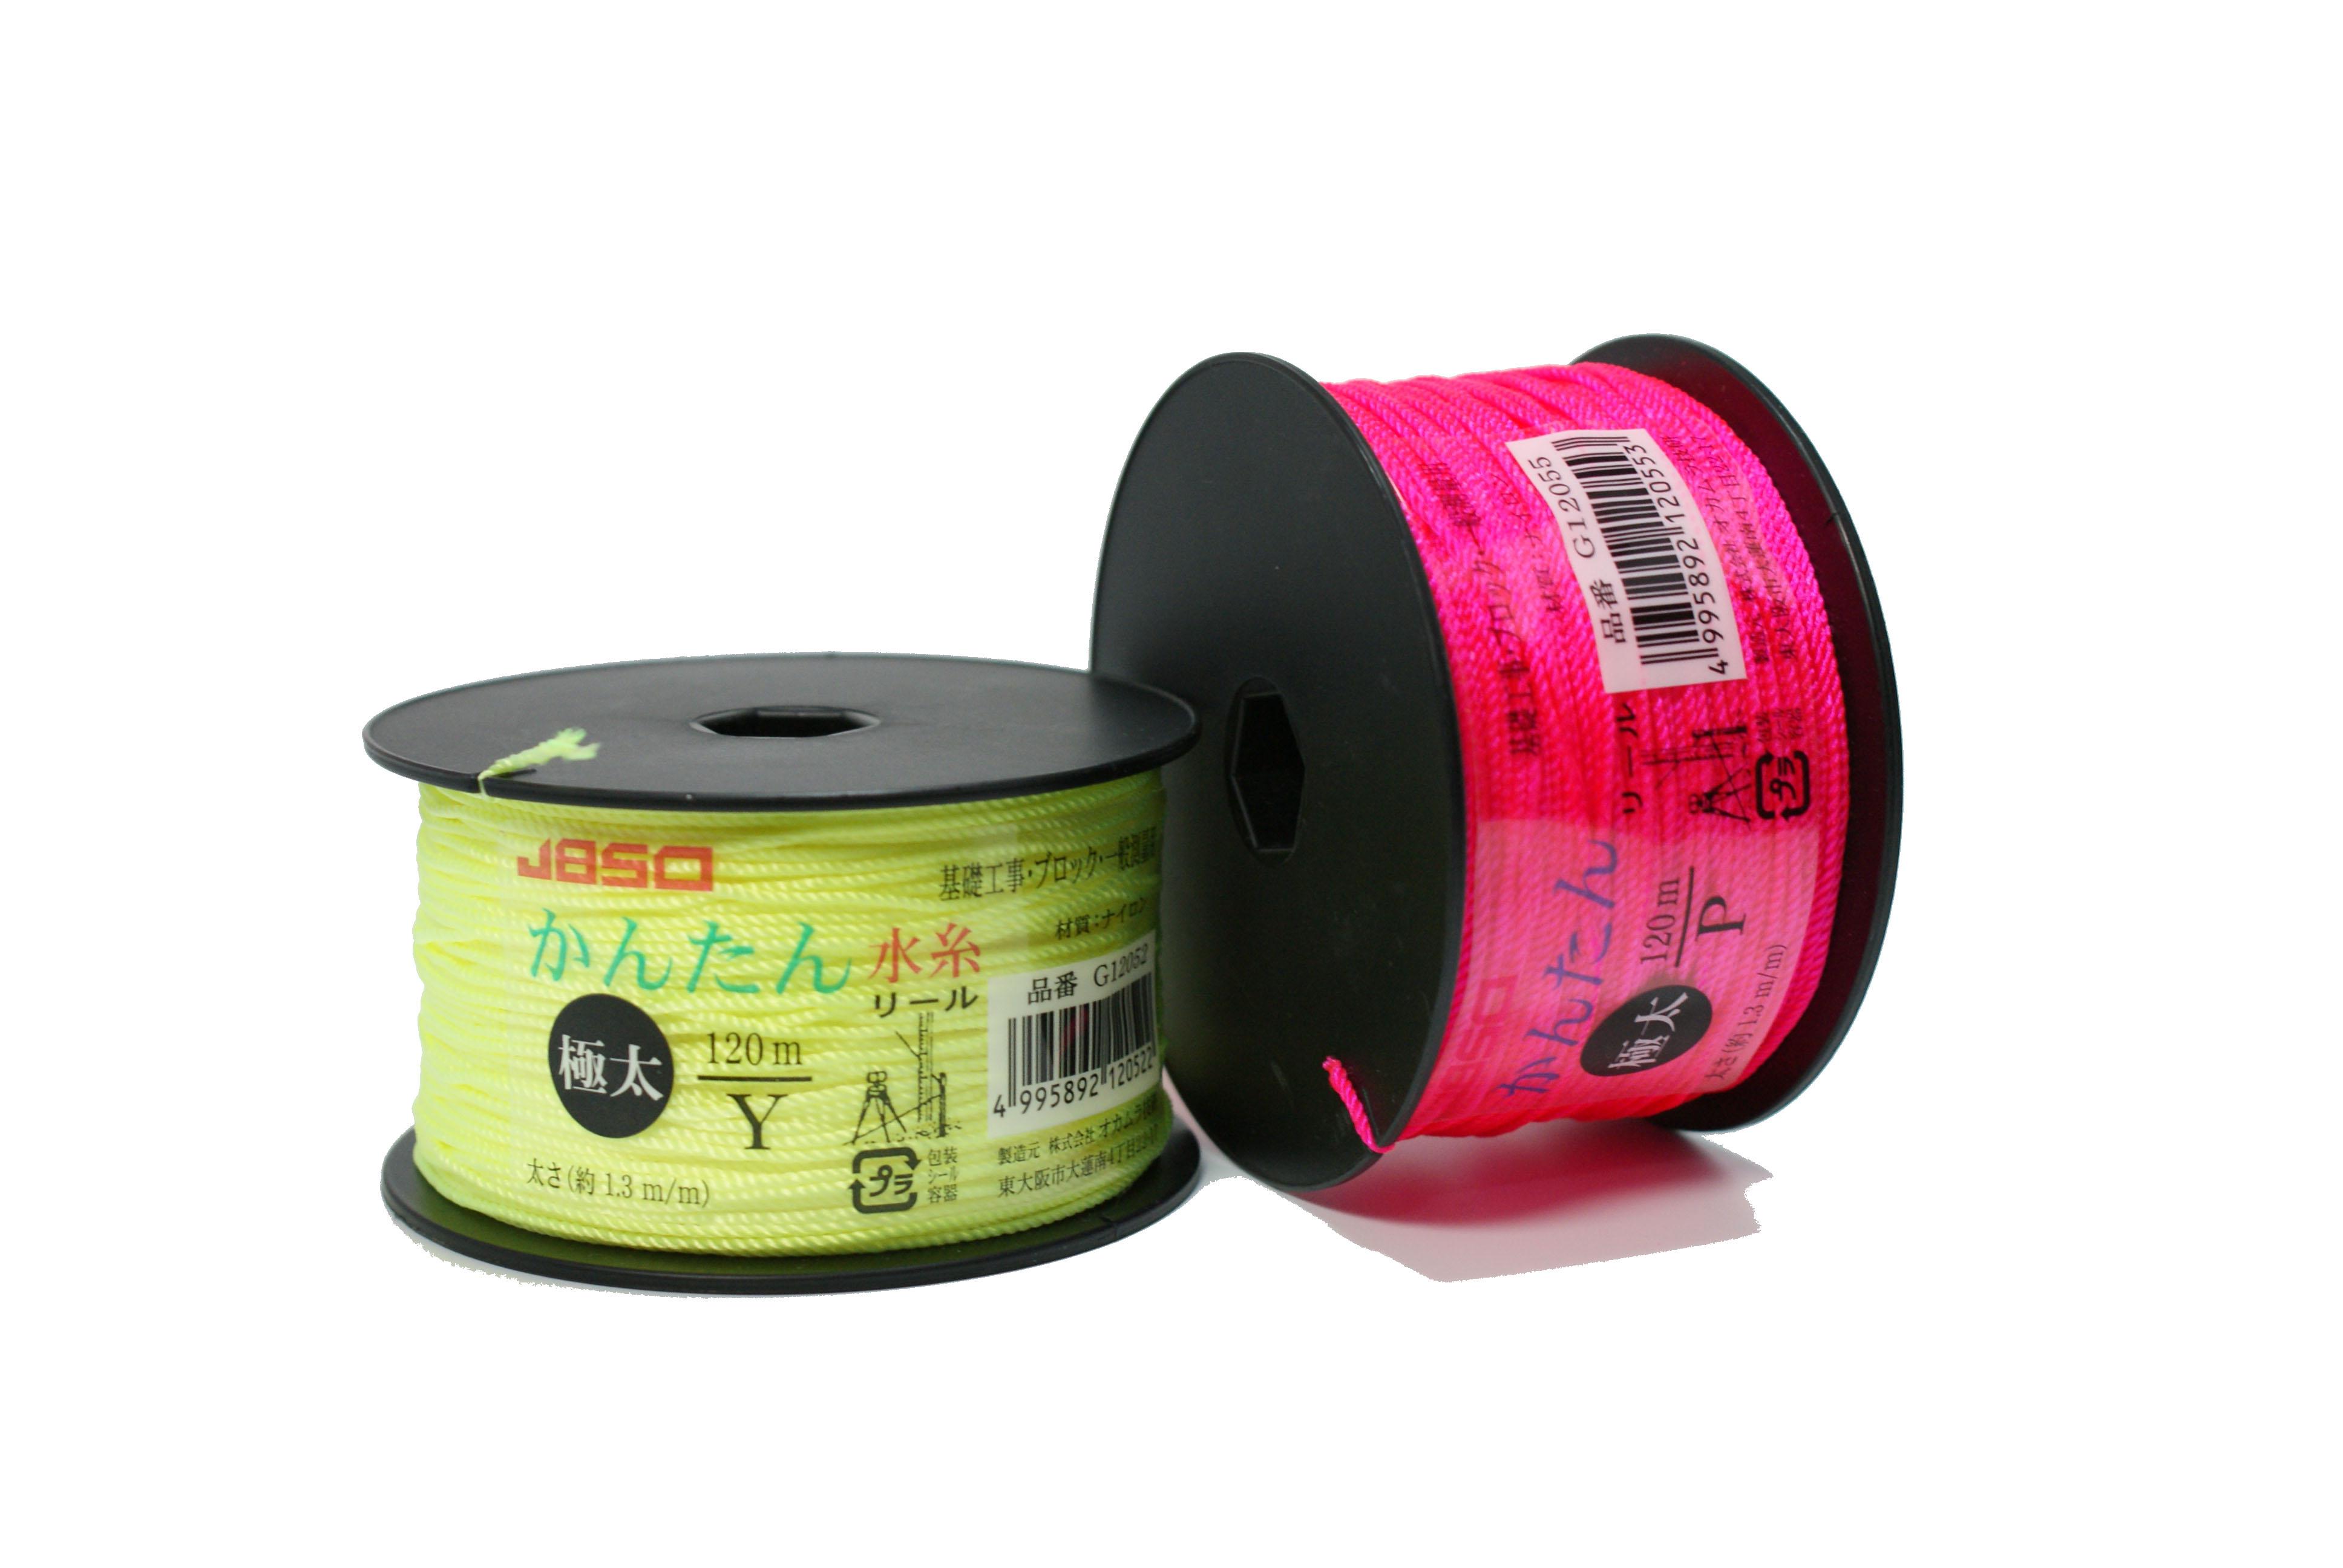 かんたん水糸 国産ナイロン糸使用 日本製